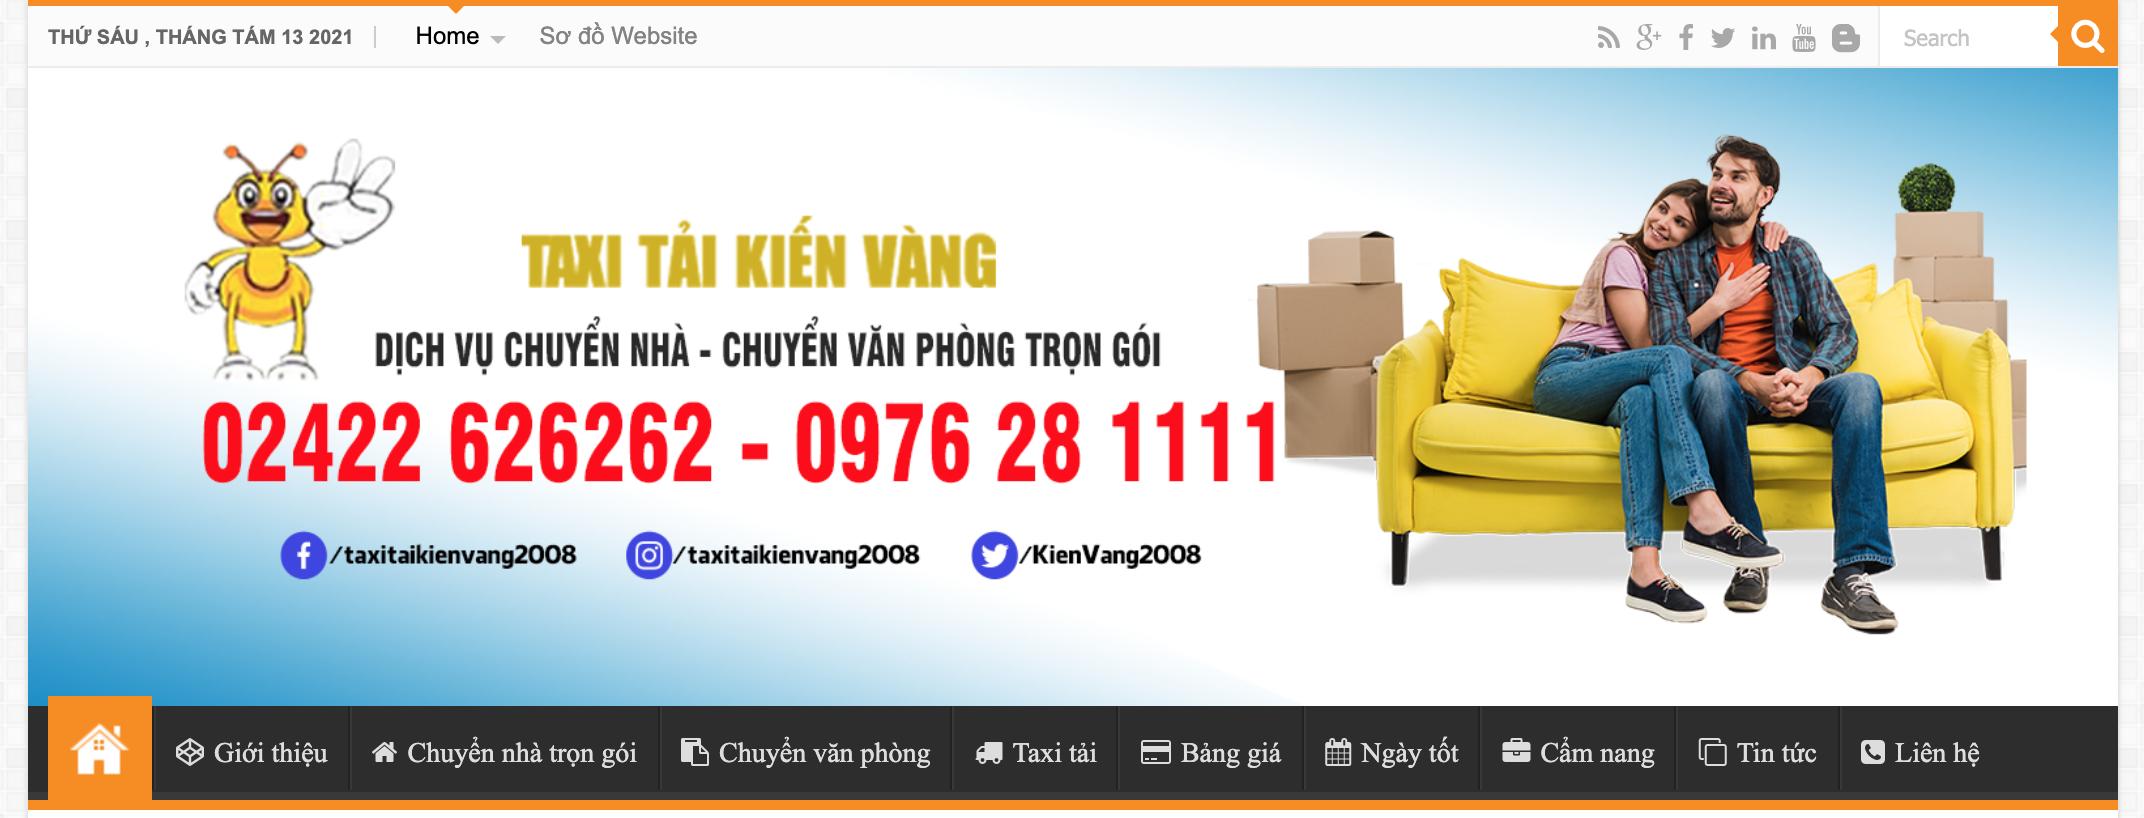 TOP 5 dịch vụ chuyển nhà trọn gói uy tín nhất ở Hà Nội